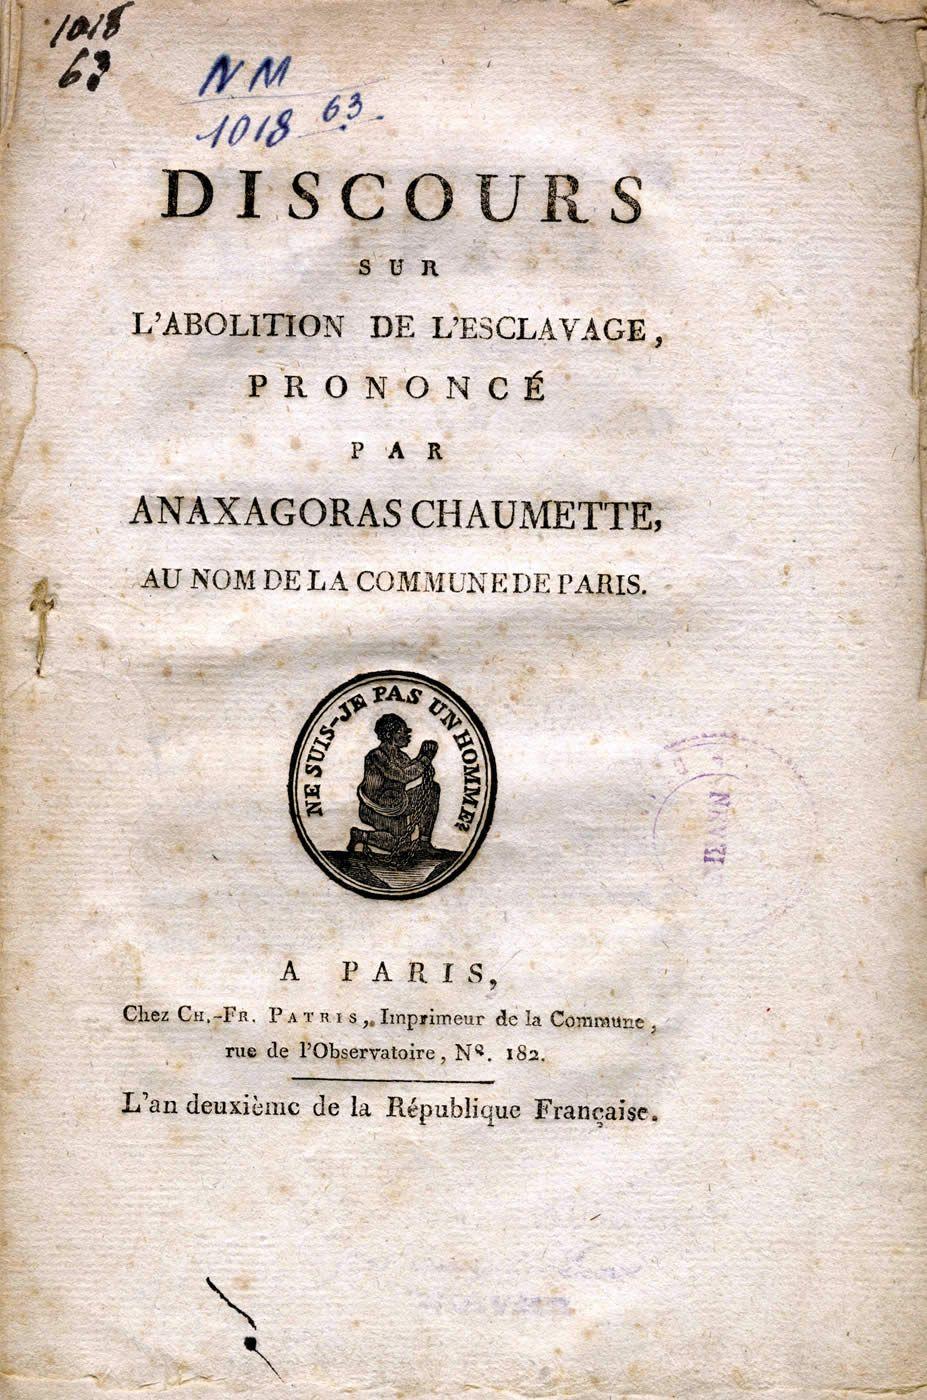 La Fete De L Abolition De L Esclavage A Paris Histoire Et Analyse D Images Et Oeuvres Abolition Esclavage Esclavage Revolution Francaise